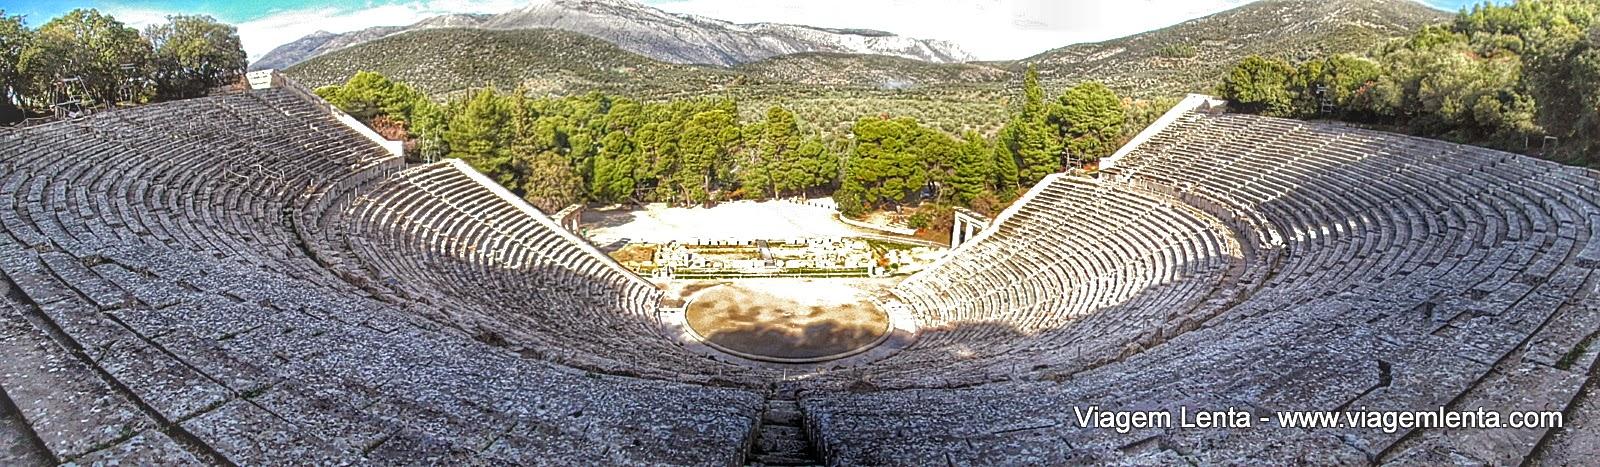 Dias 9 e 10 da viagem: Nafplio e Epidavrus, joias da Grécia